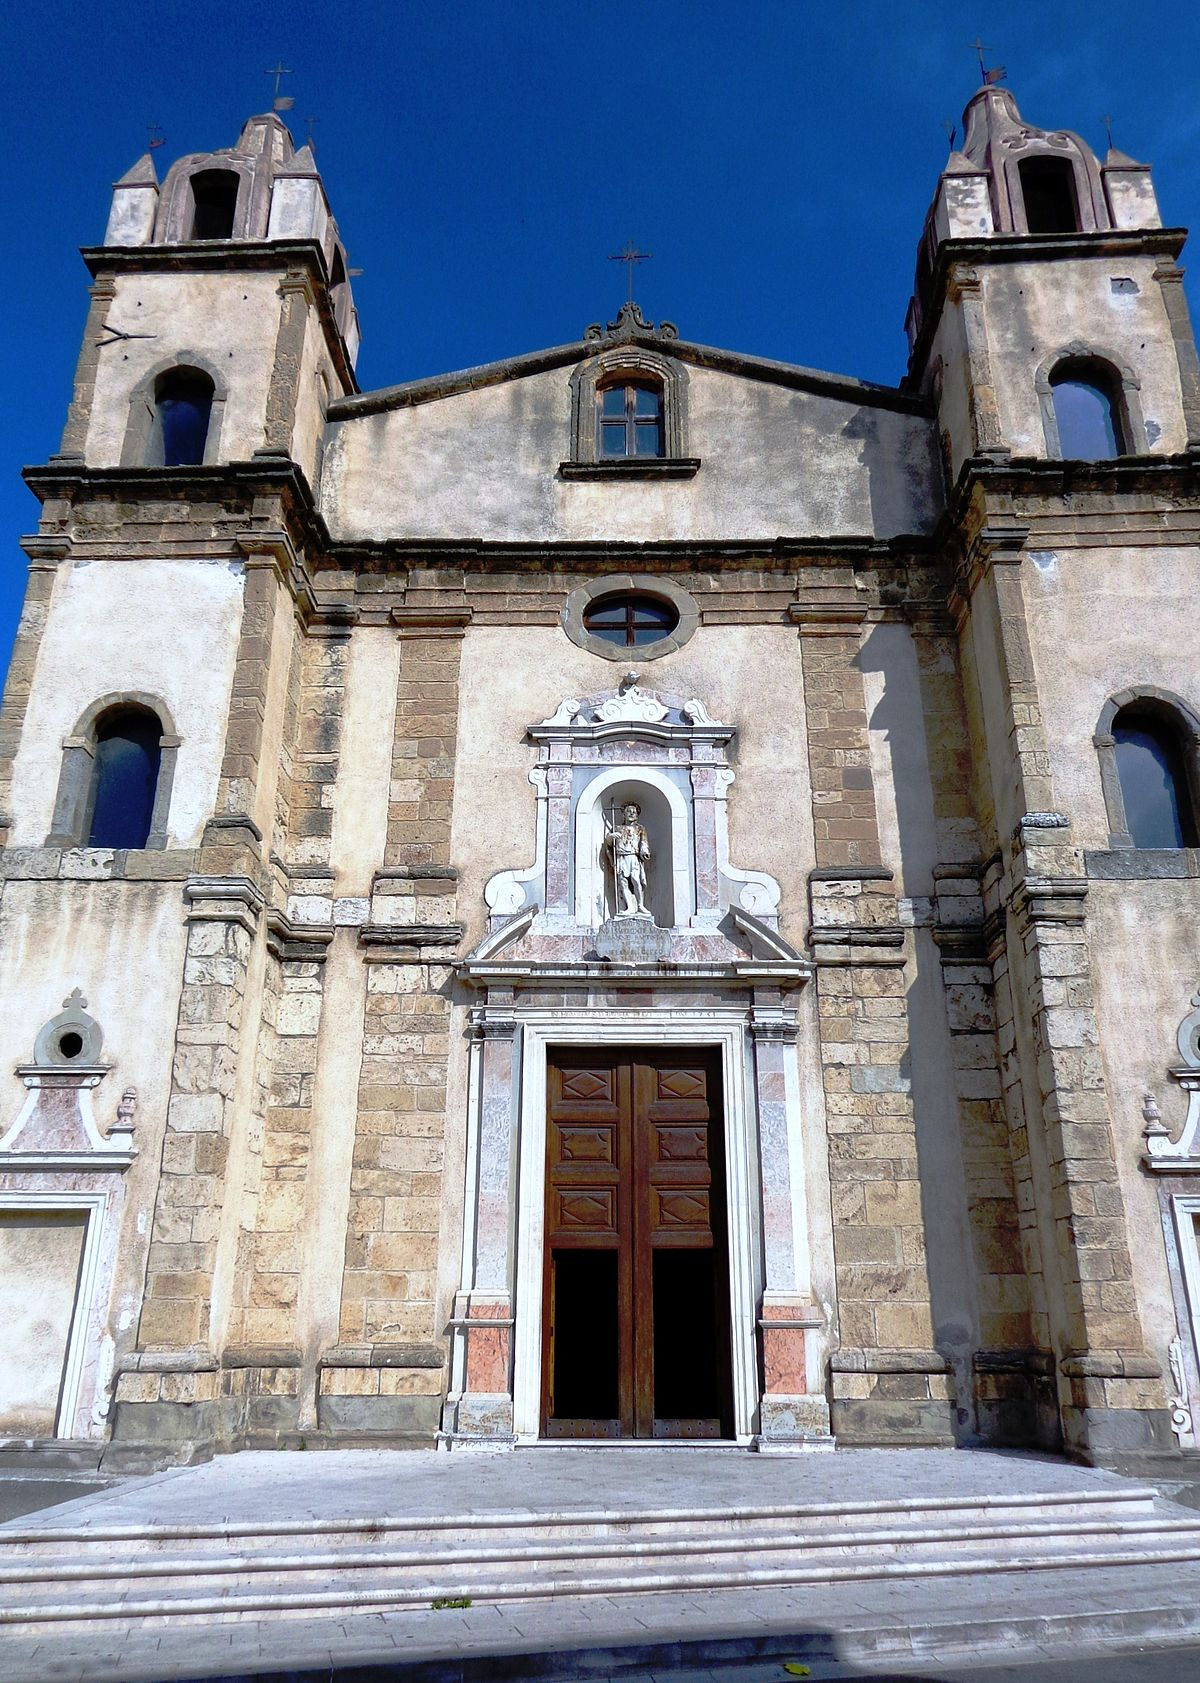 Chiesa di san giovanni battista barcellona pozzo di gotto for Arredamenti barcellona pozzo di gotto